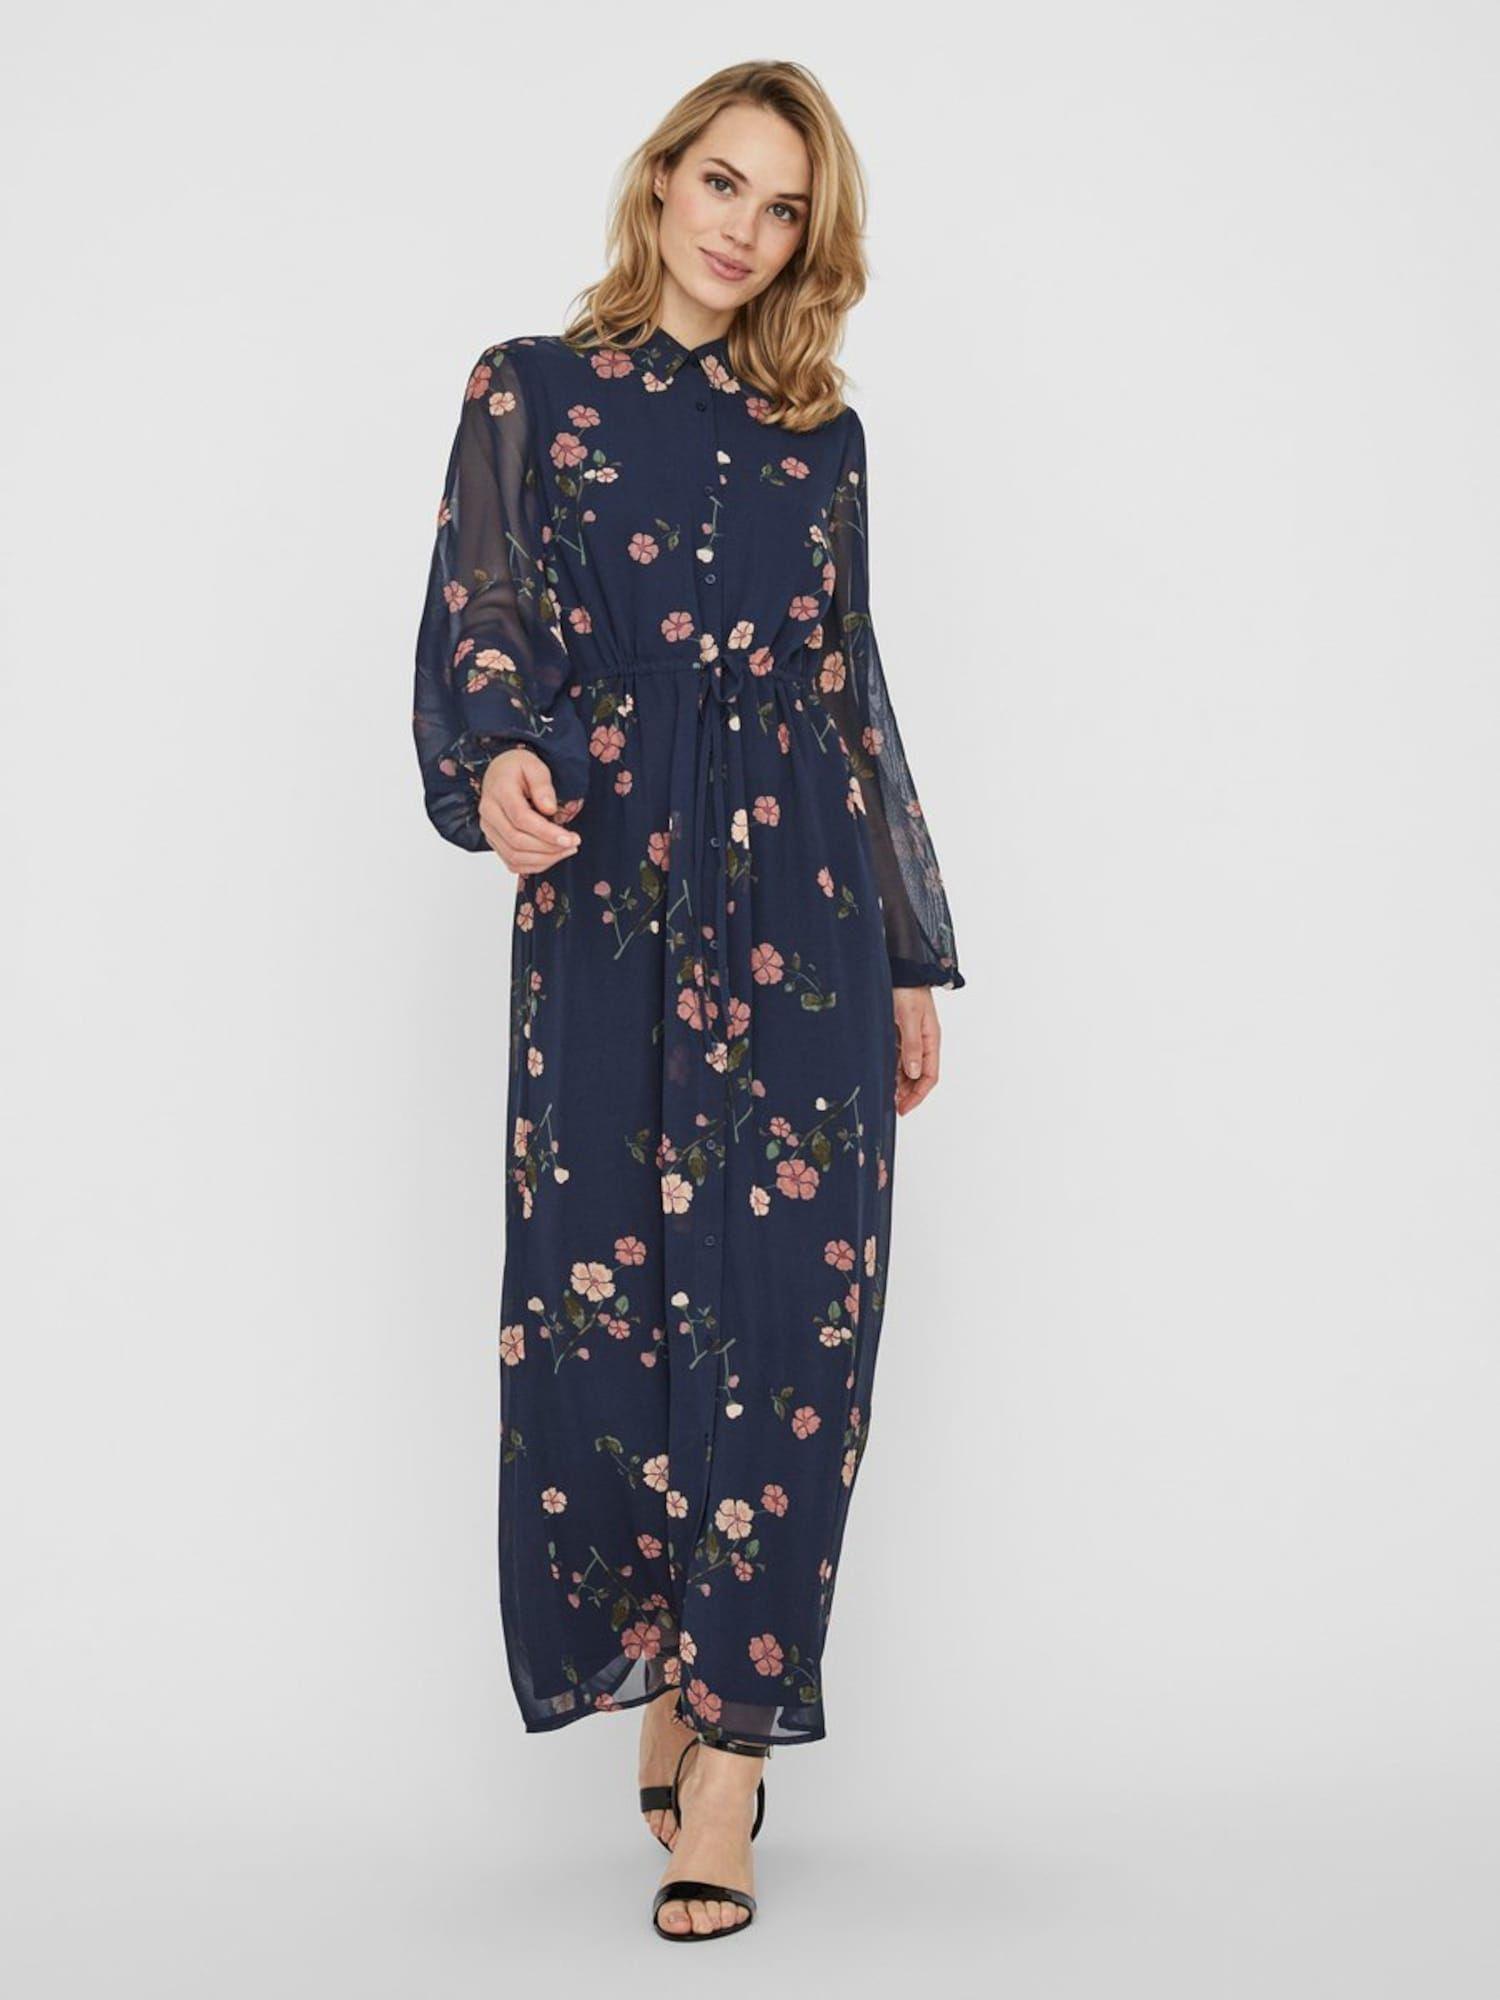 Designer Schön Abendkleid Vero Moda Vertrieb13 Genial Abendkleid Vero Moda Galerie